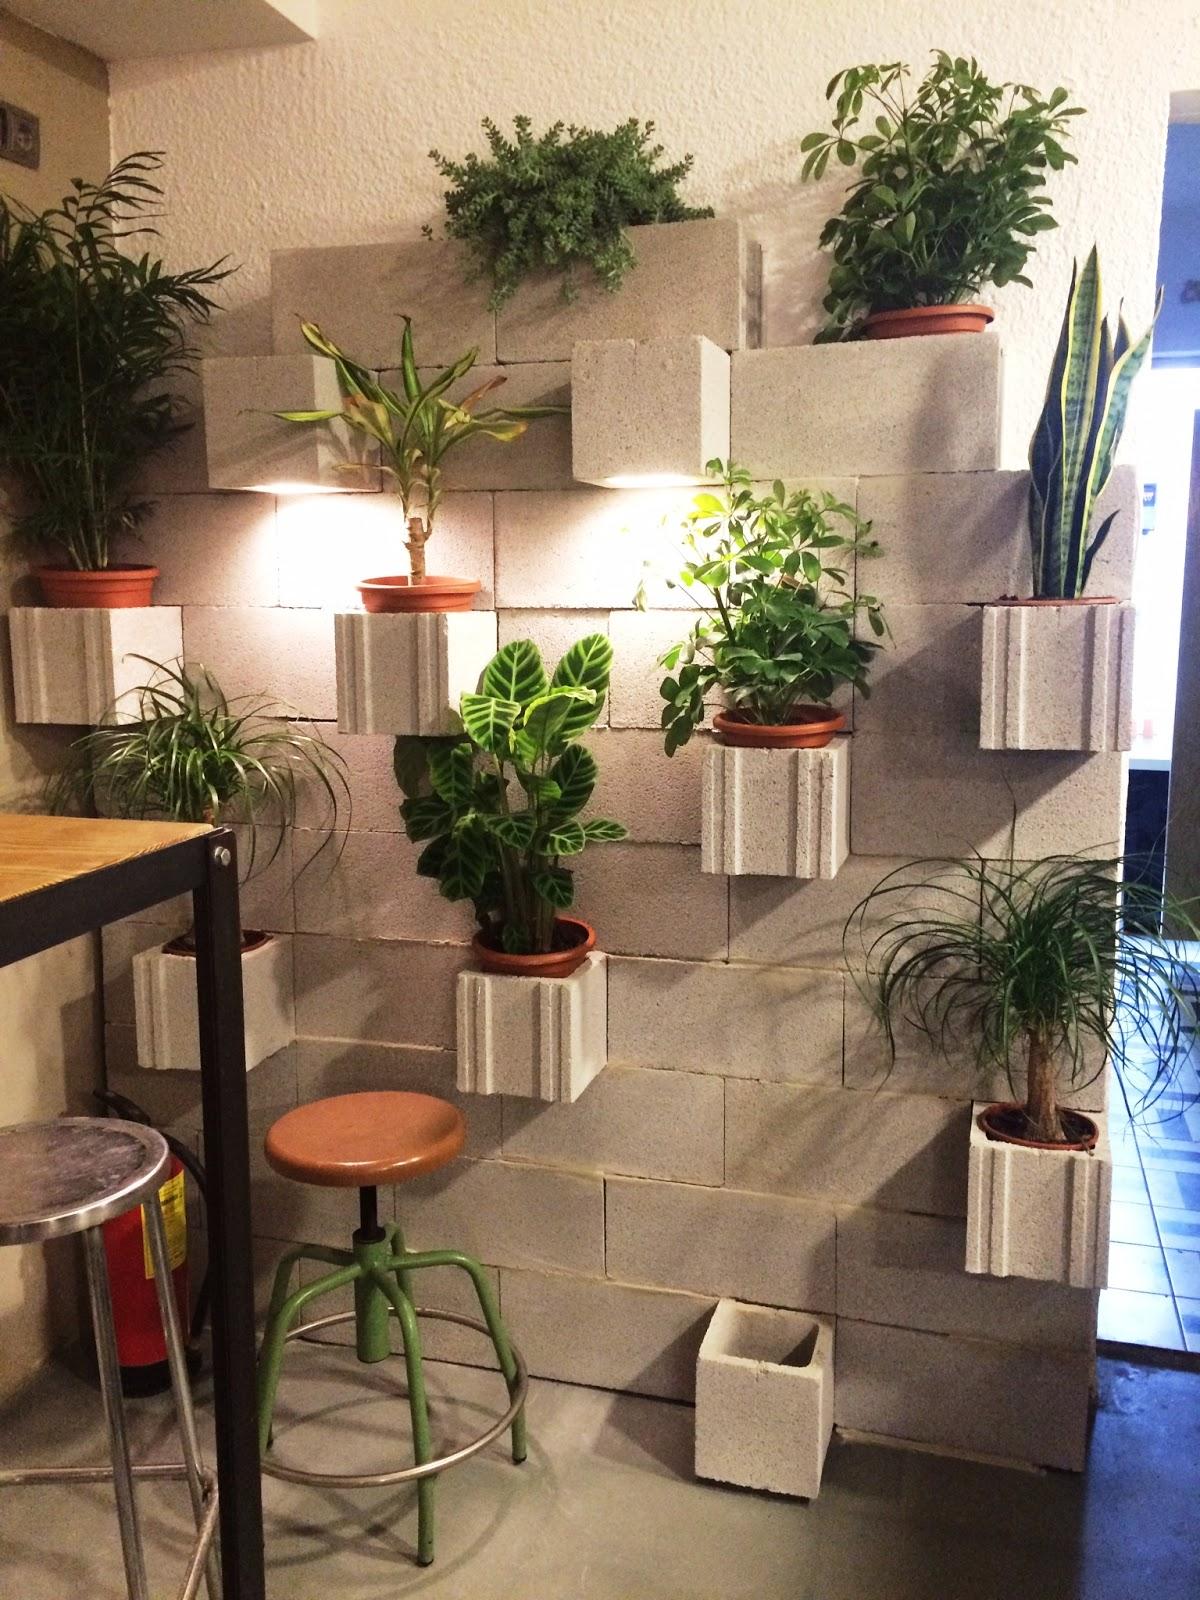 la pared del fondo la han solucionado con bloques de cemento de obra han creado un jardinera vertical con iluminacin indirecta genial